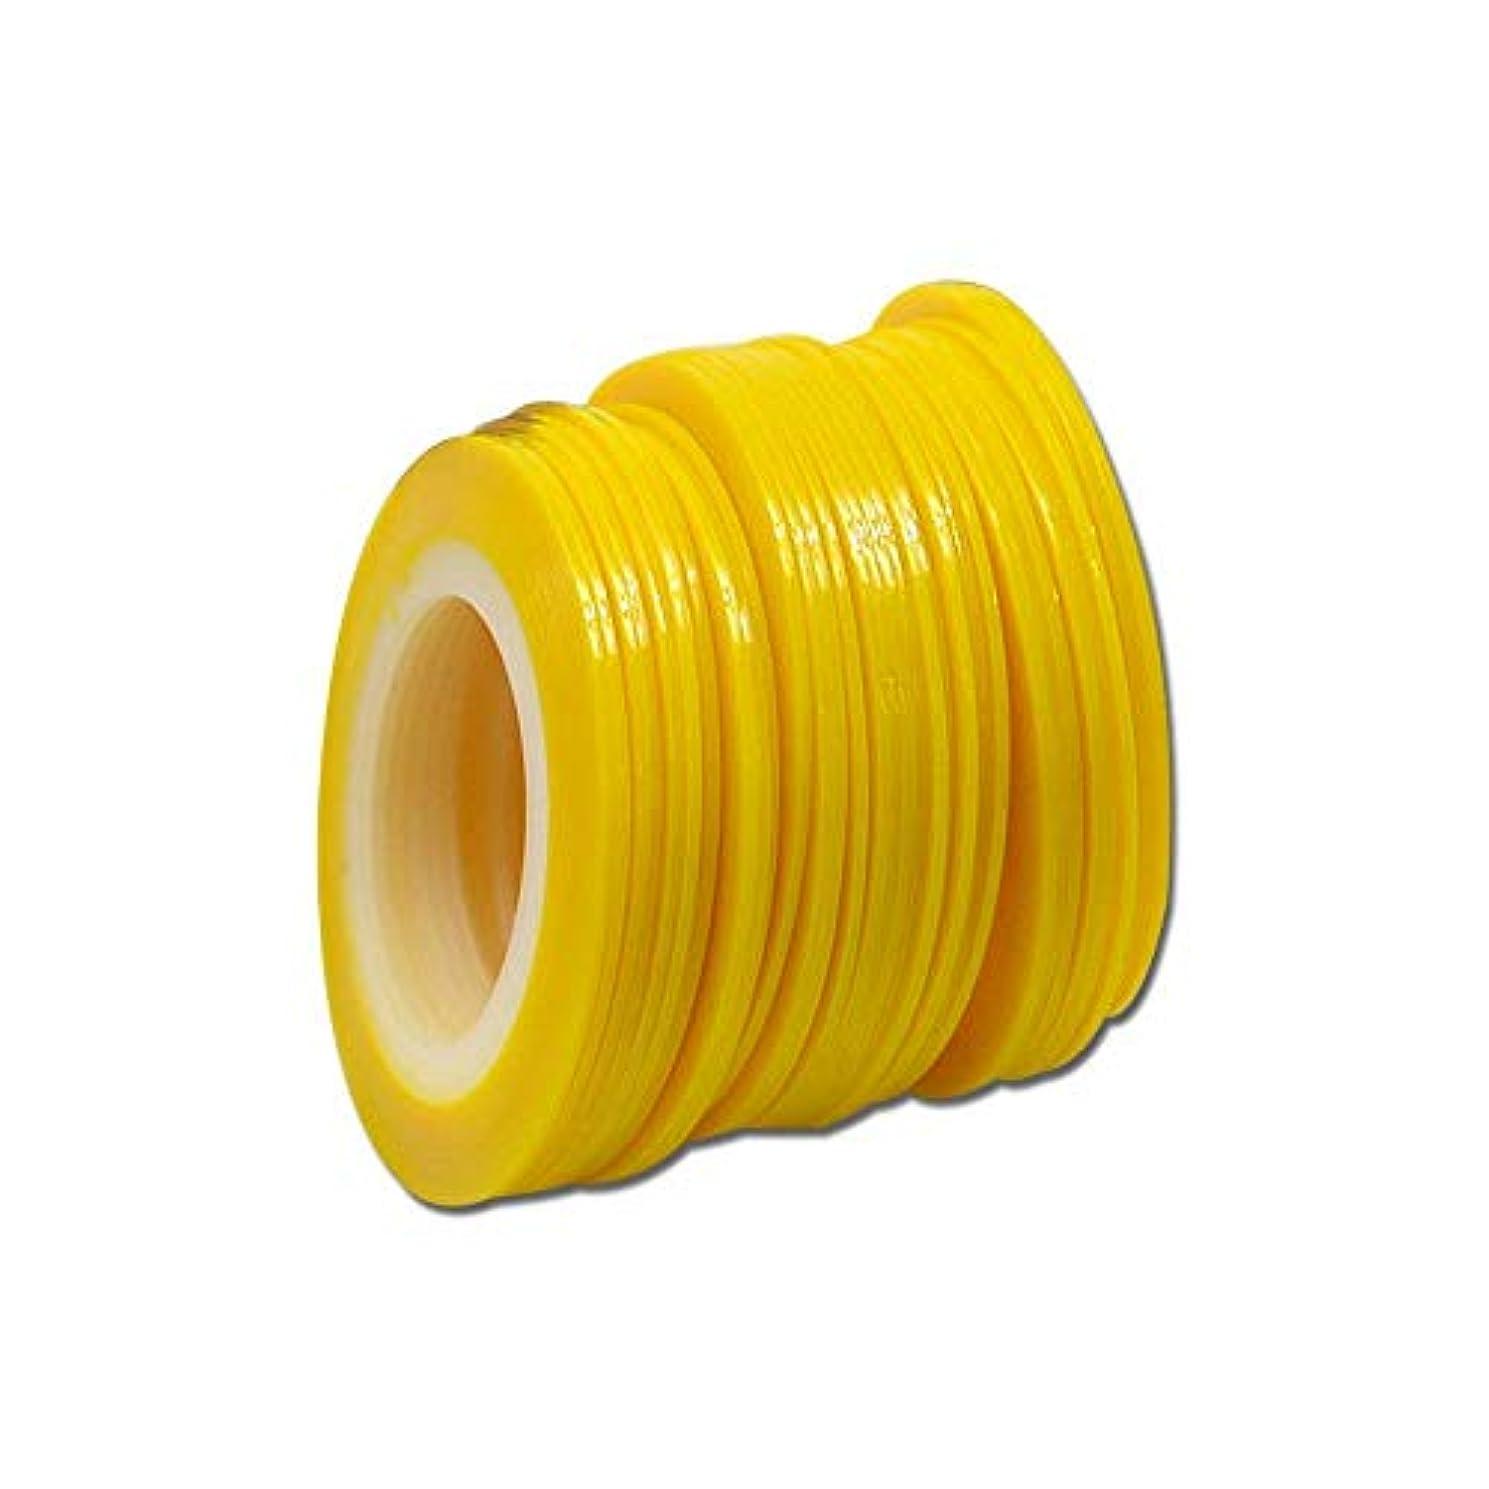 メタリック削るデンマーク語SUKTI&XIAO ネイルステッカー 100個1ミリメートル色蛍光ストライプライン美容のヒントネイルステッカーネイルアートロールストライピング、黄色